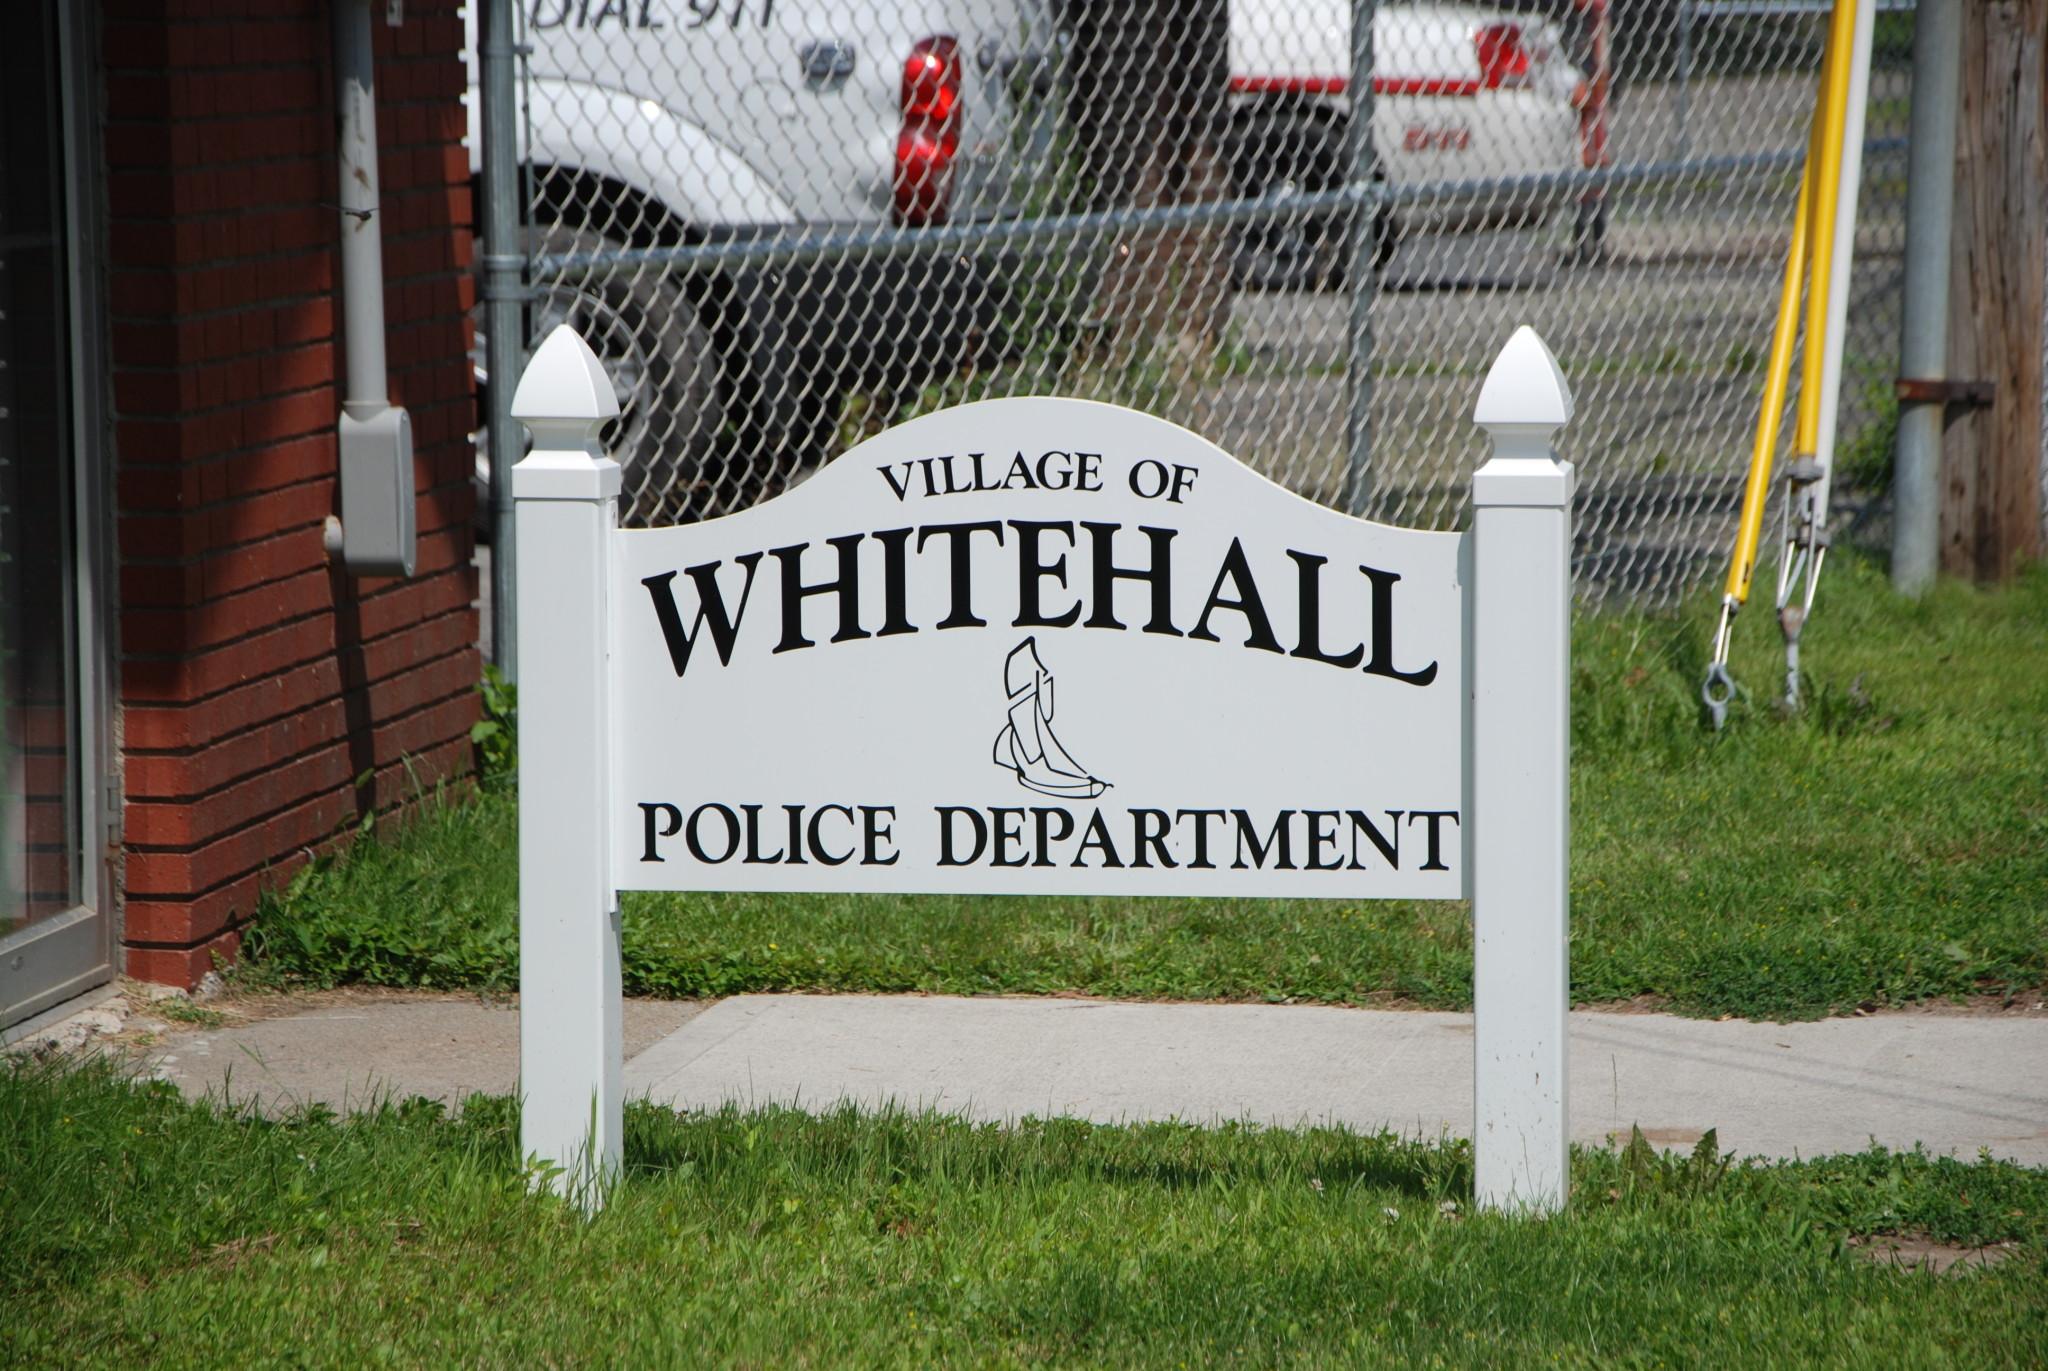 Village police must prepare 'reform, reinvention' policy